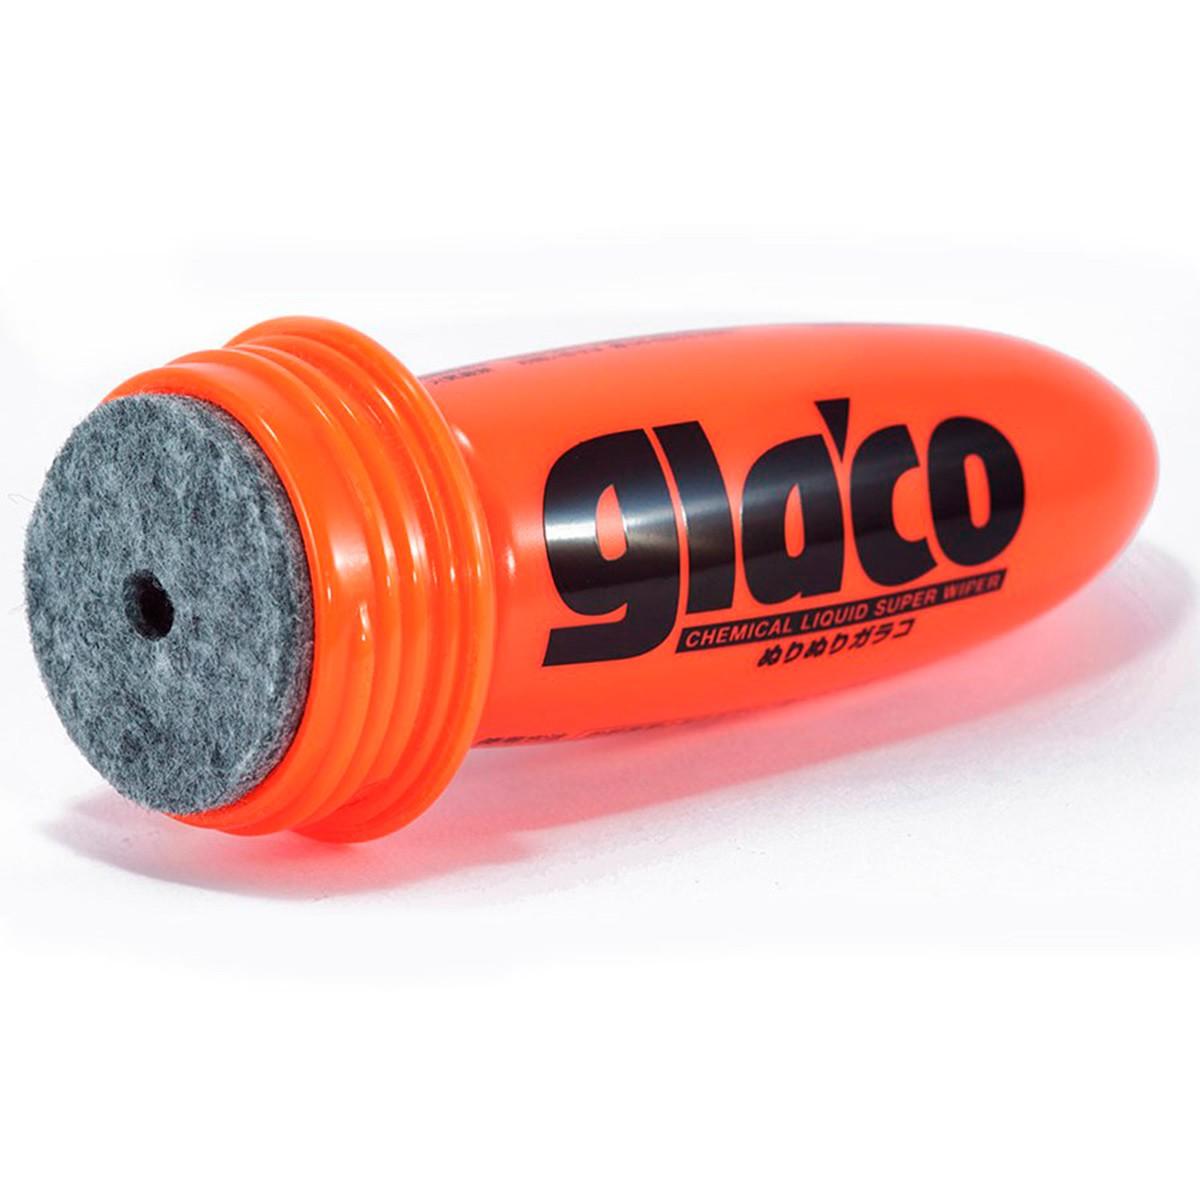 Glaco Big 75ml - Soft99